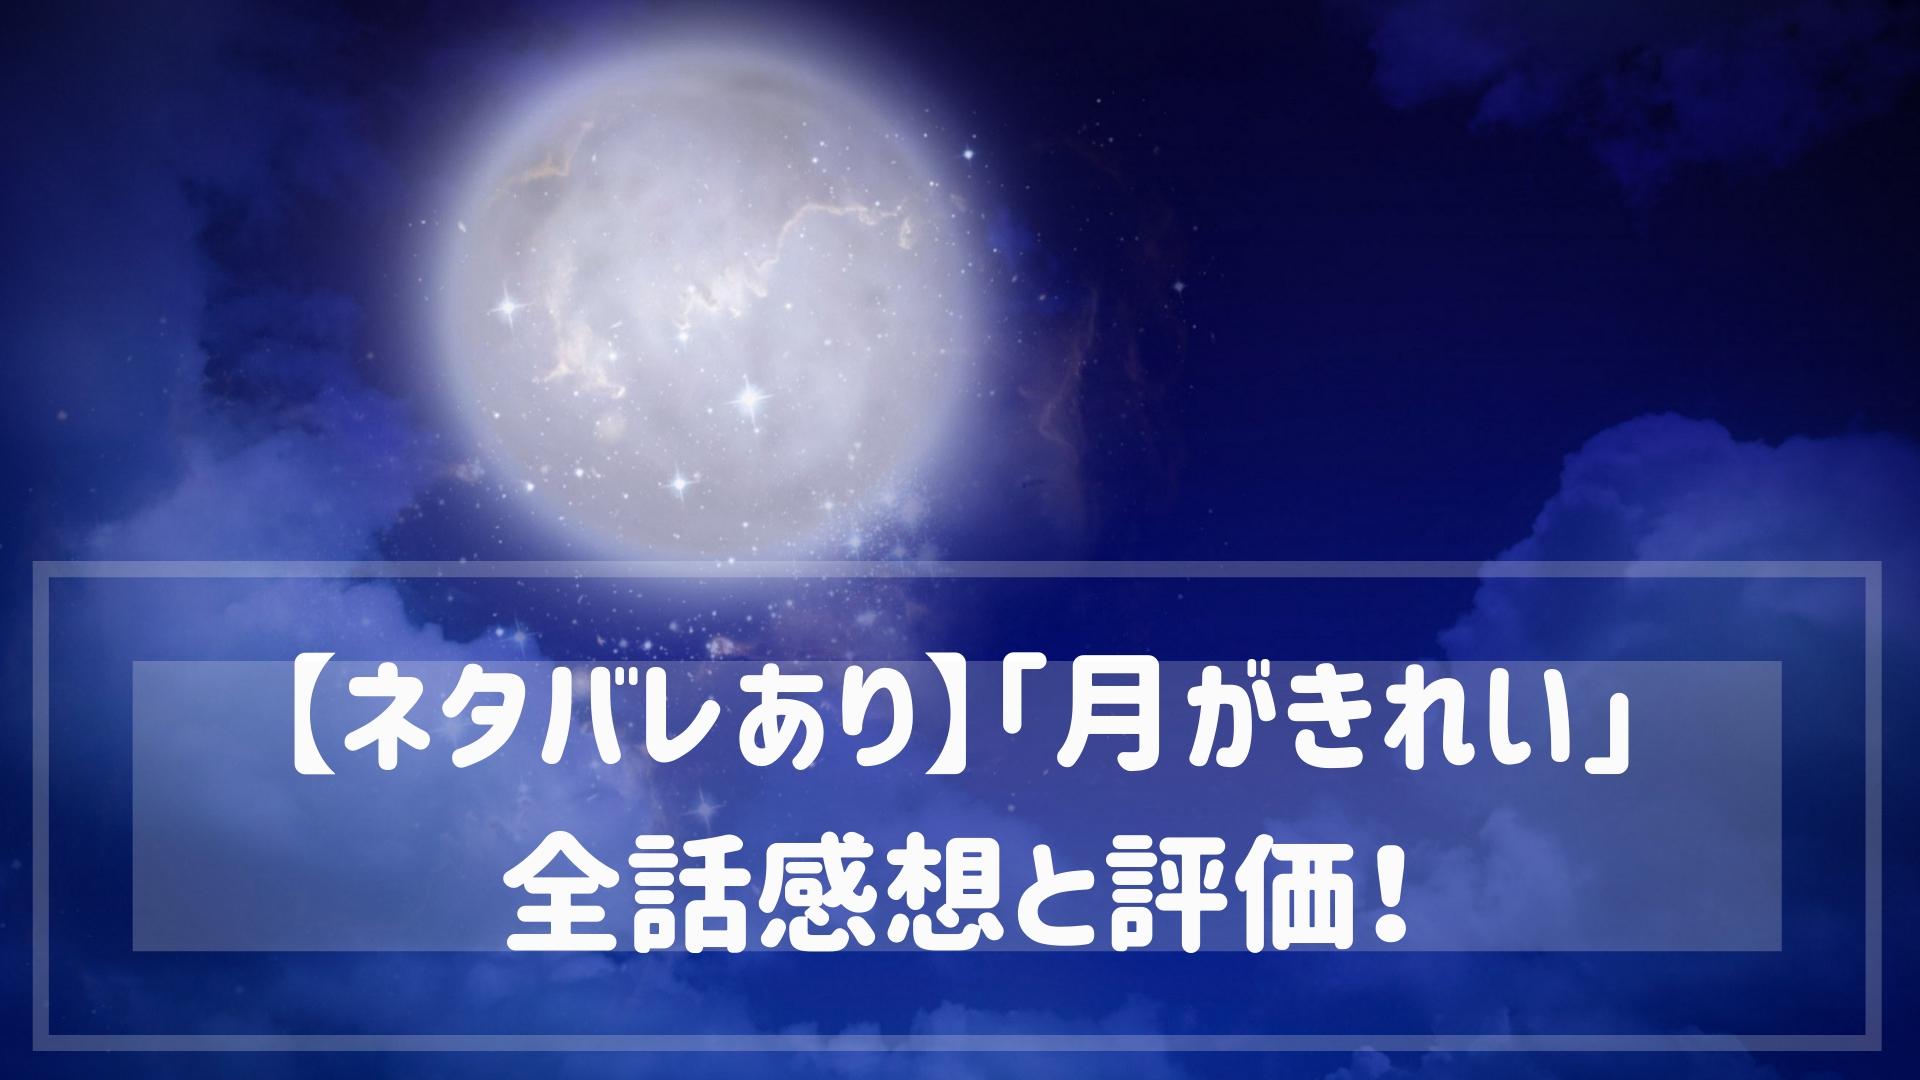 「月がきれい」感想と評価!青春不足の大人は心がエグられる名アニメ!